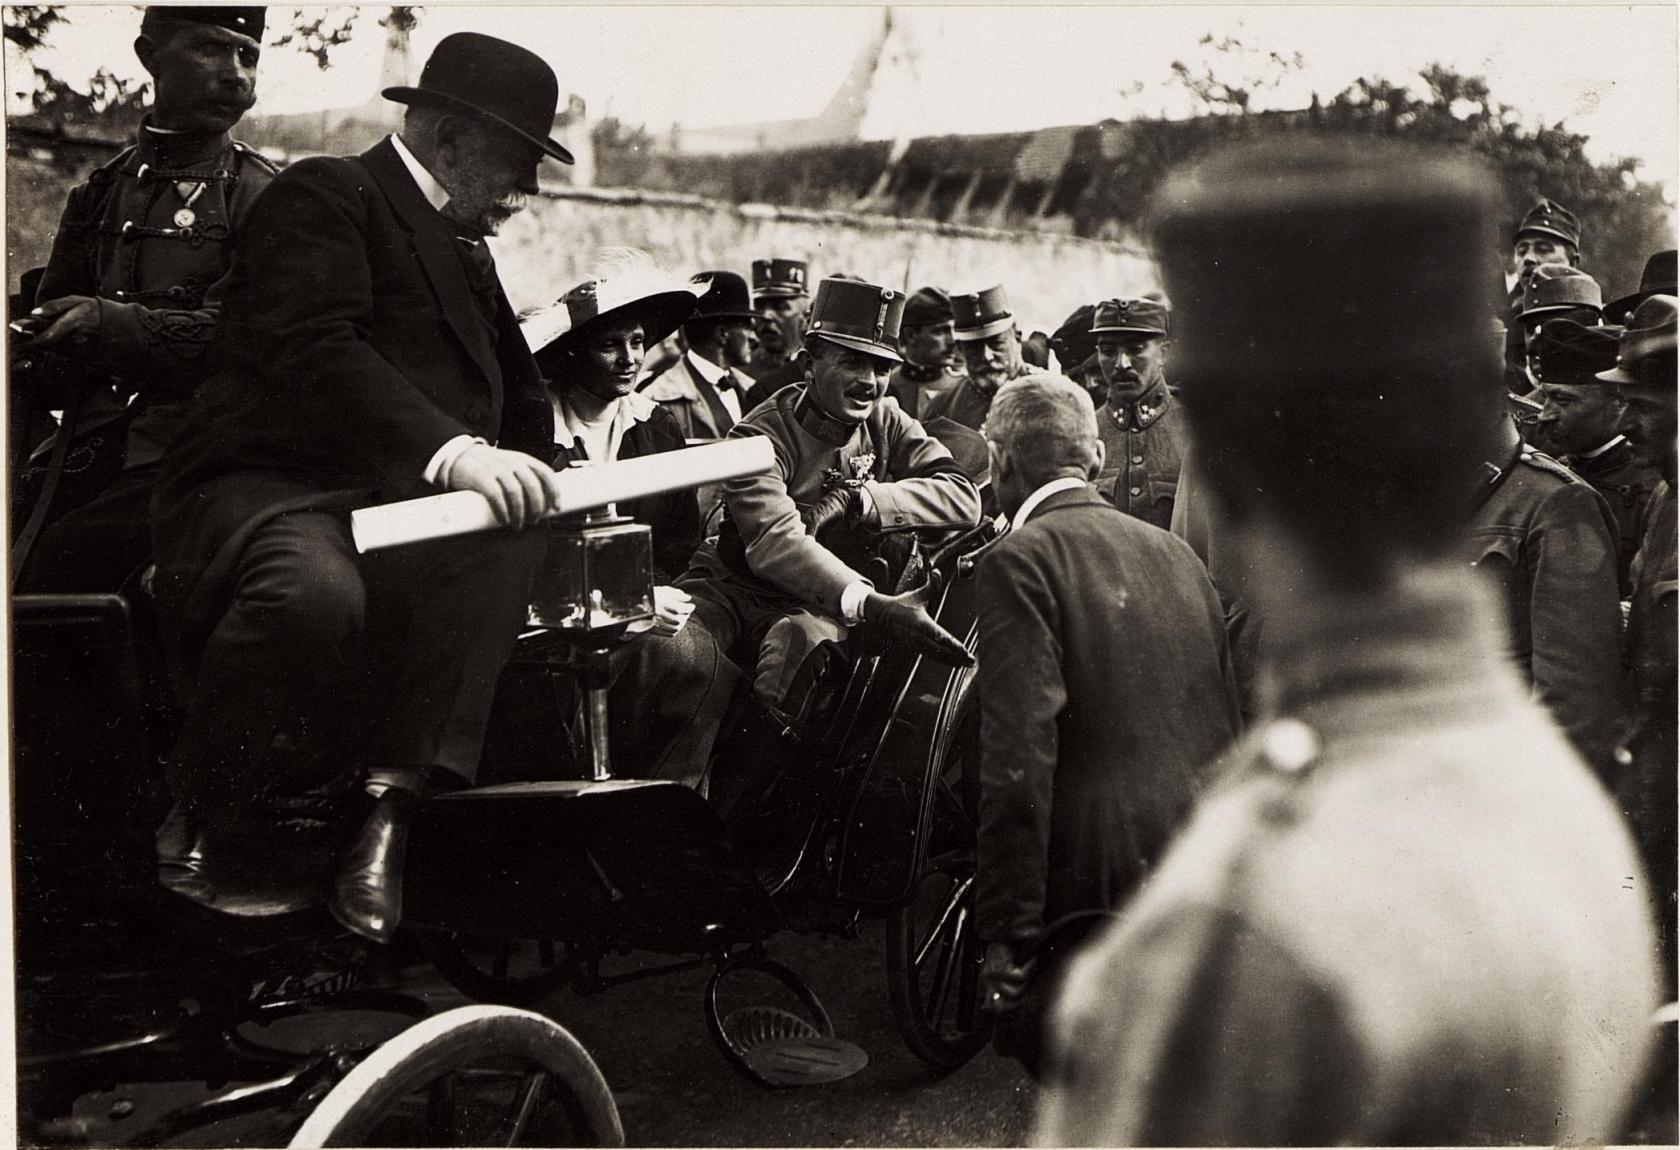 IV. Károly tűzkárosultakkal beszél. 1917. május 23. Kép: K.u.k. Kriegspressequartier, Lichtbildstelle - Wien - https://www.bildarchivaustria.at / Wikimedia Commons